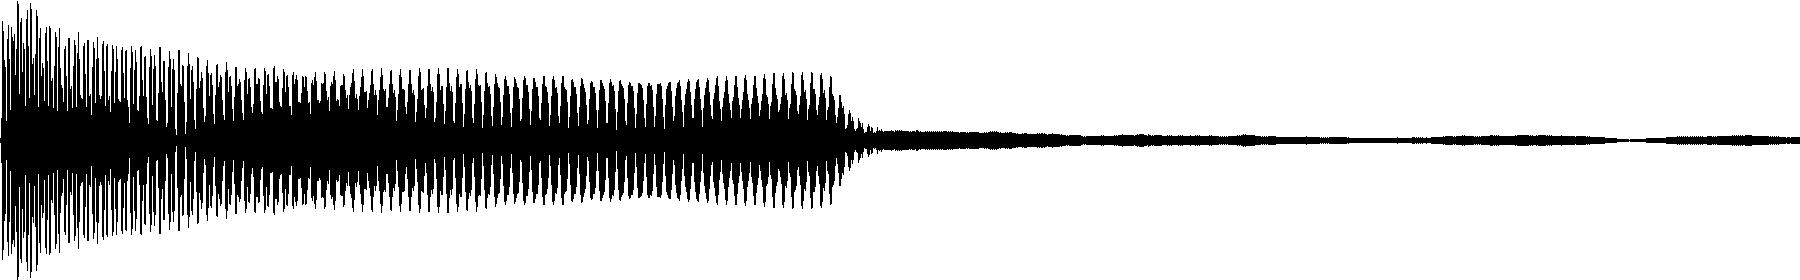 vedh bass cut 098 e